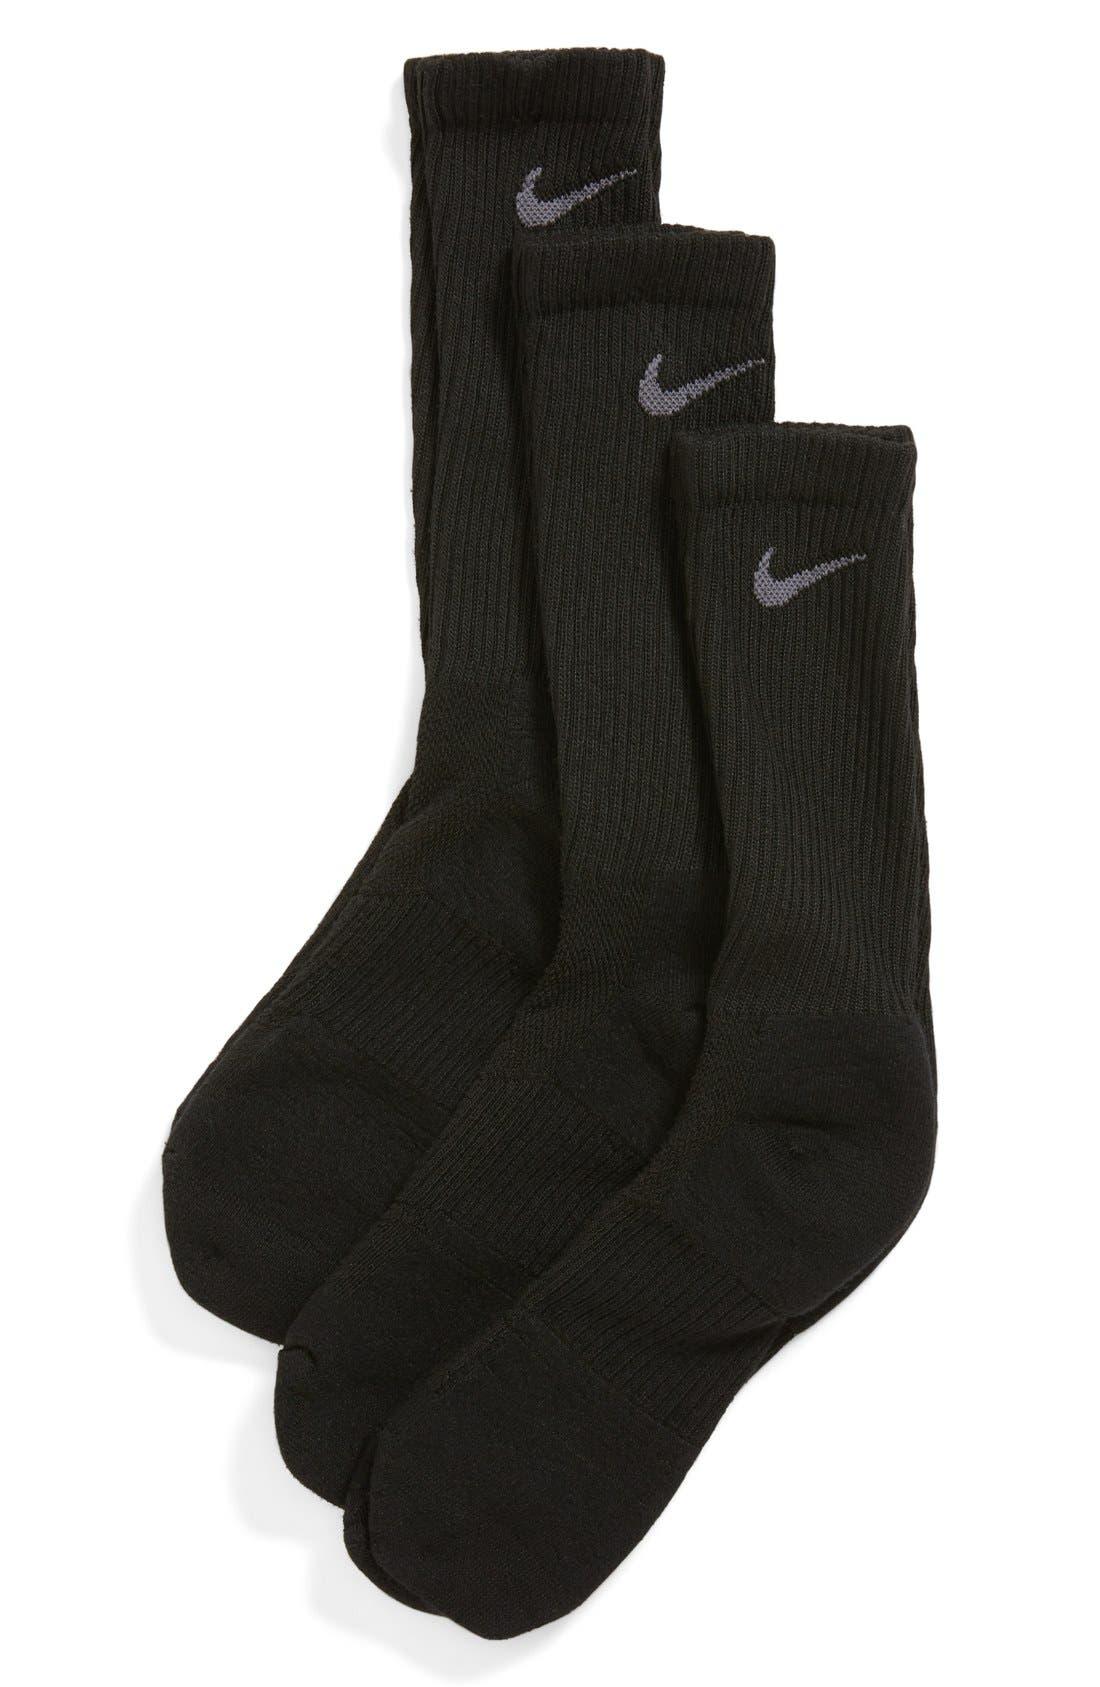 Alternate Image 1 Selected - Nike Dri-FIT 3-Pack Crew Socks